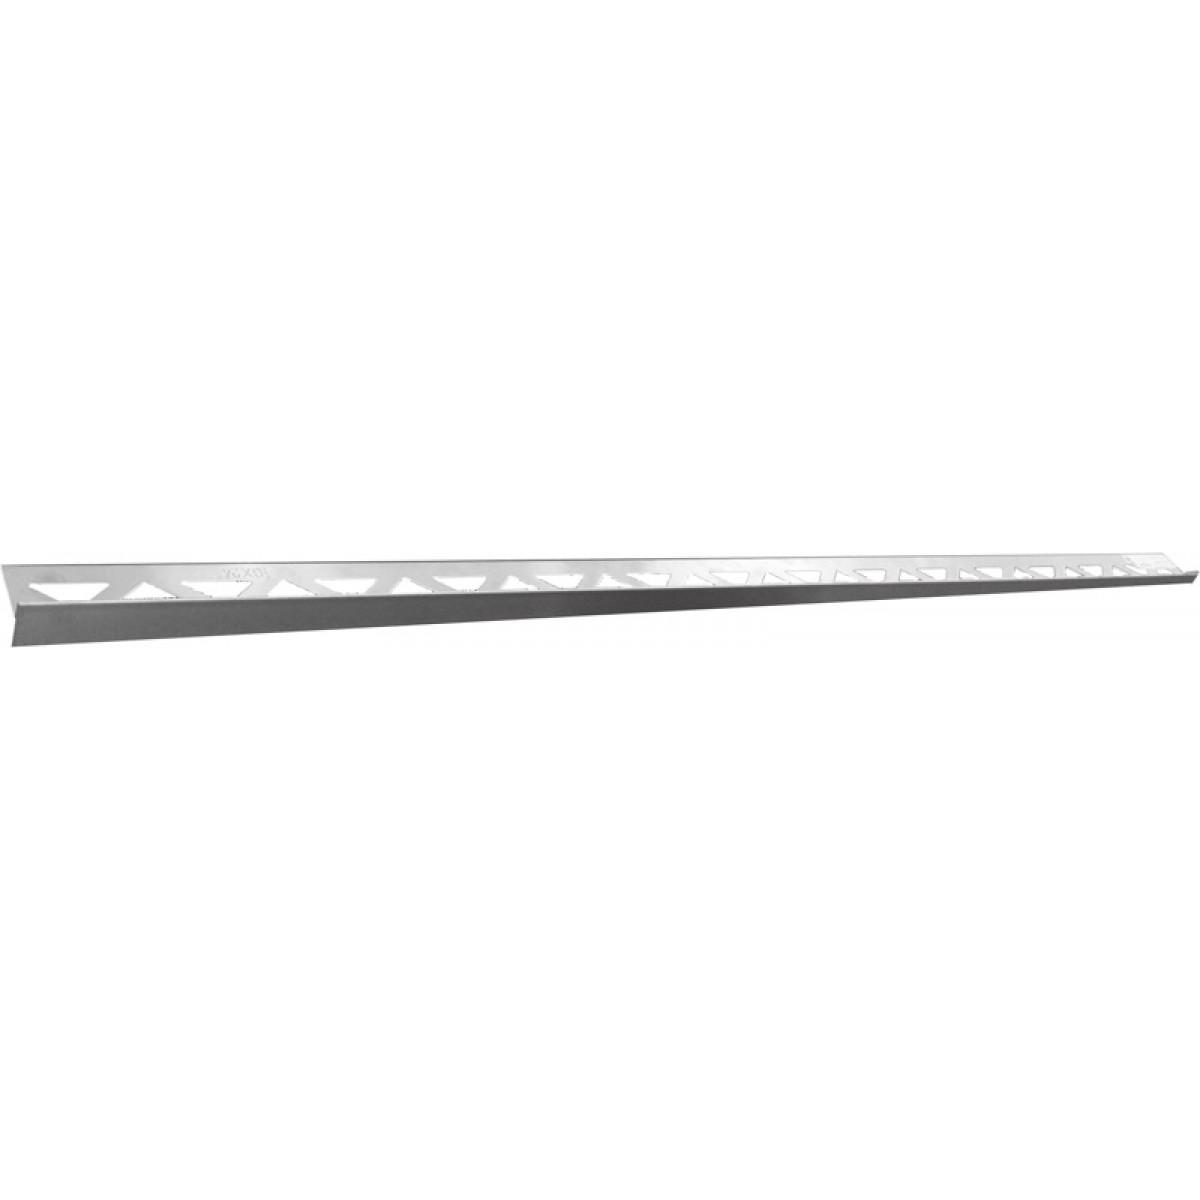 Edelstahl-Duschprofil mit Gefälle RECHTS FE-DP 148-12-32  - 12,5 / 148 cm Länge